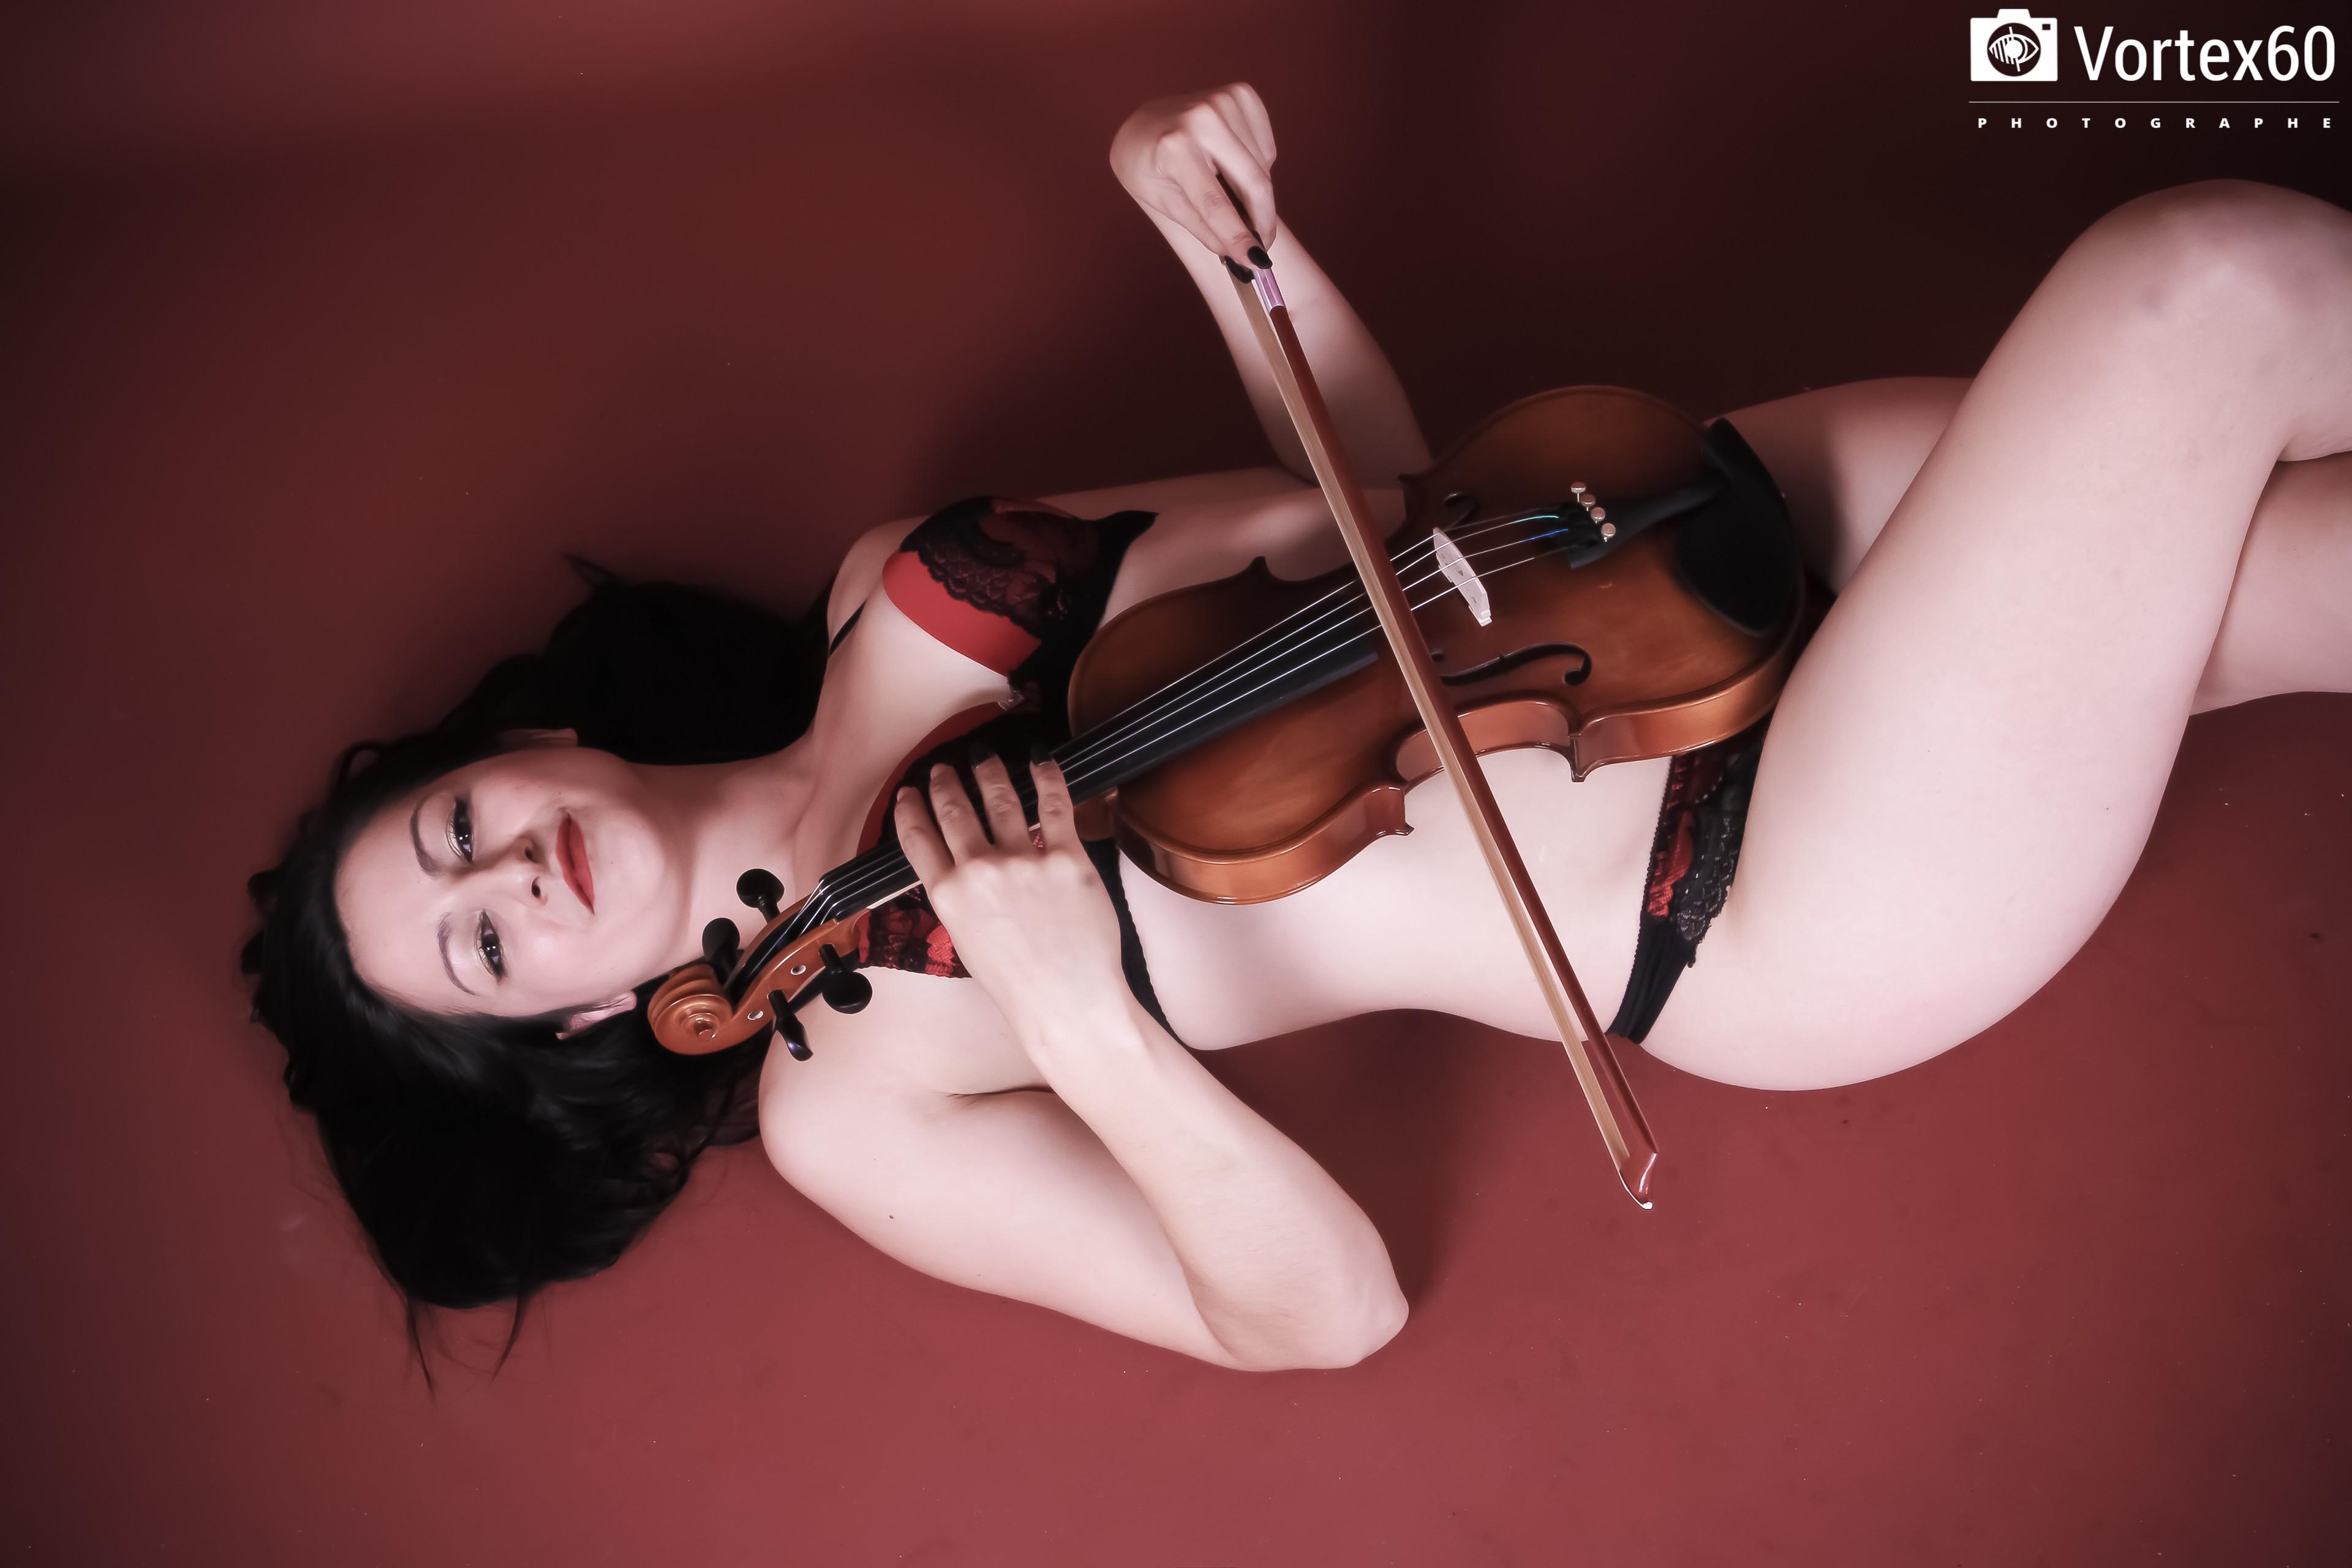 Joueuse de violon - Pascaline .L By Vortex60 Photographe